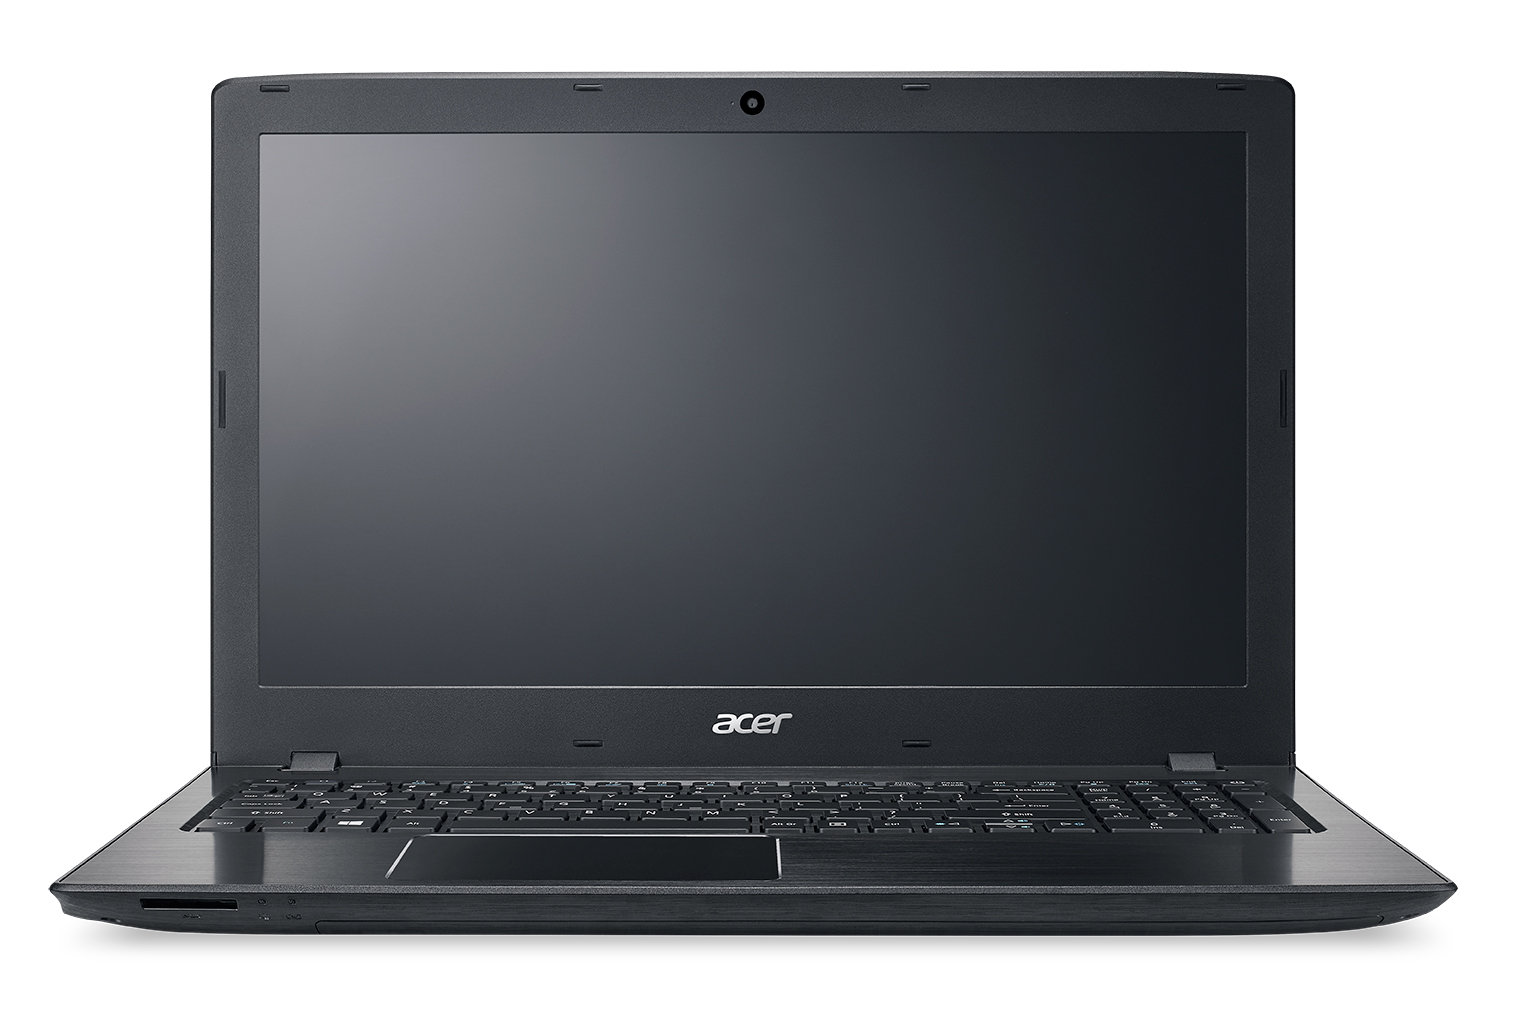 Лаптоп Acer Aspire E5-575G-5878